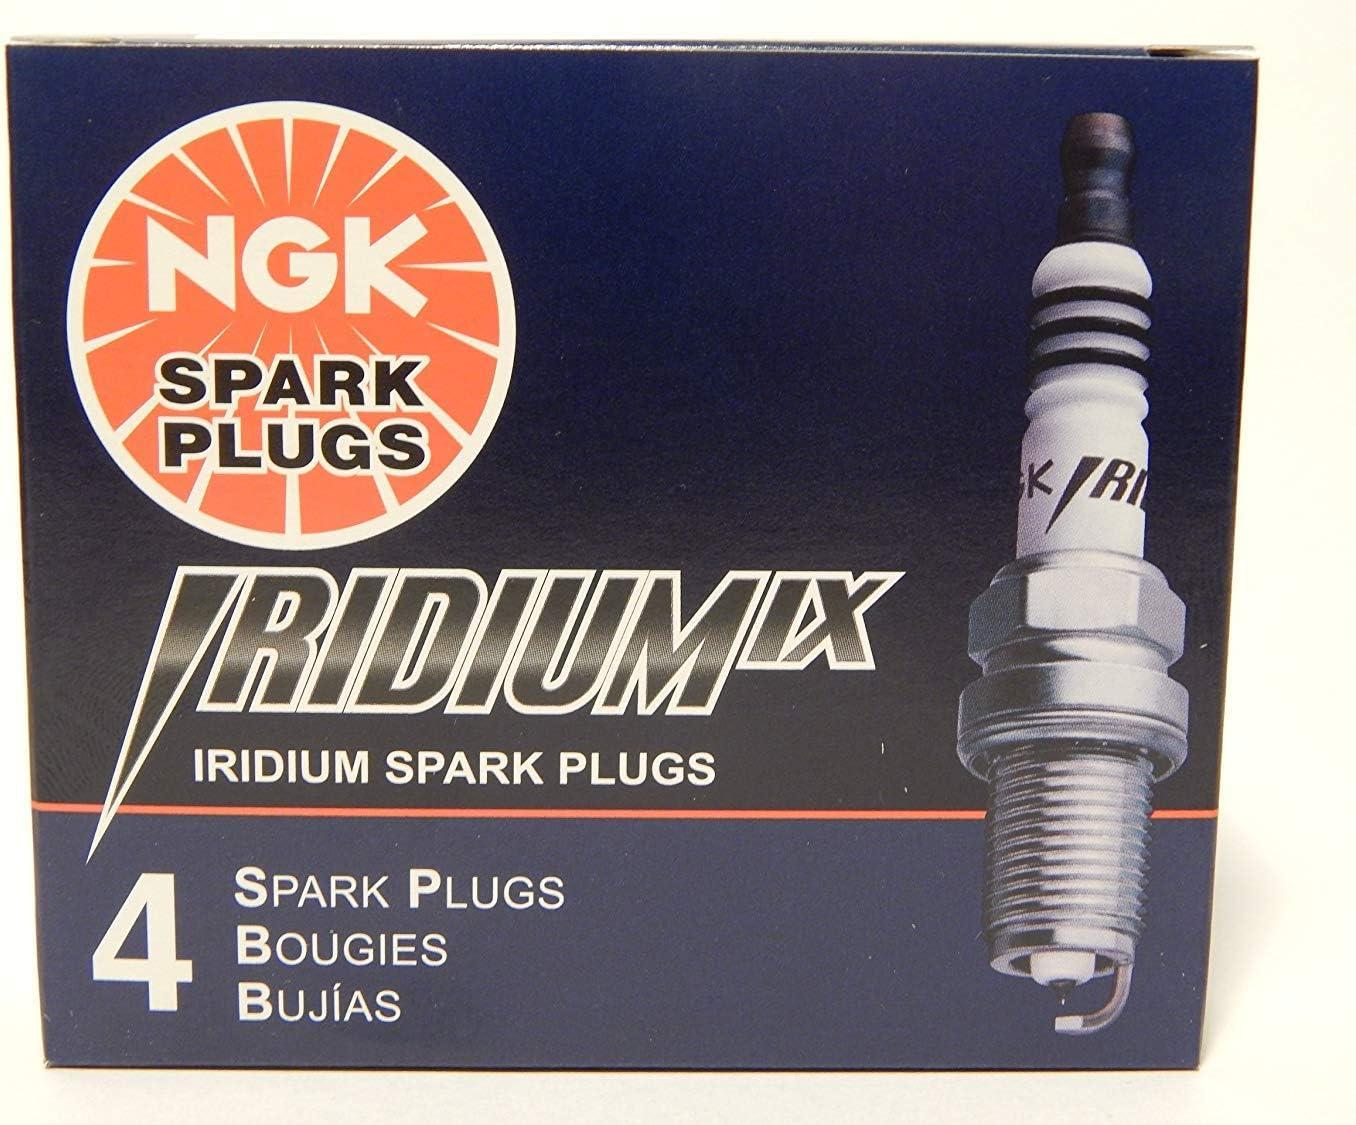 4 New NGK IRIDIUM IX Spark Plugs BKR8EIX # 2668 Cold Spark Plug